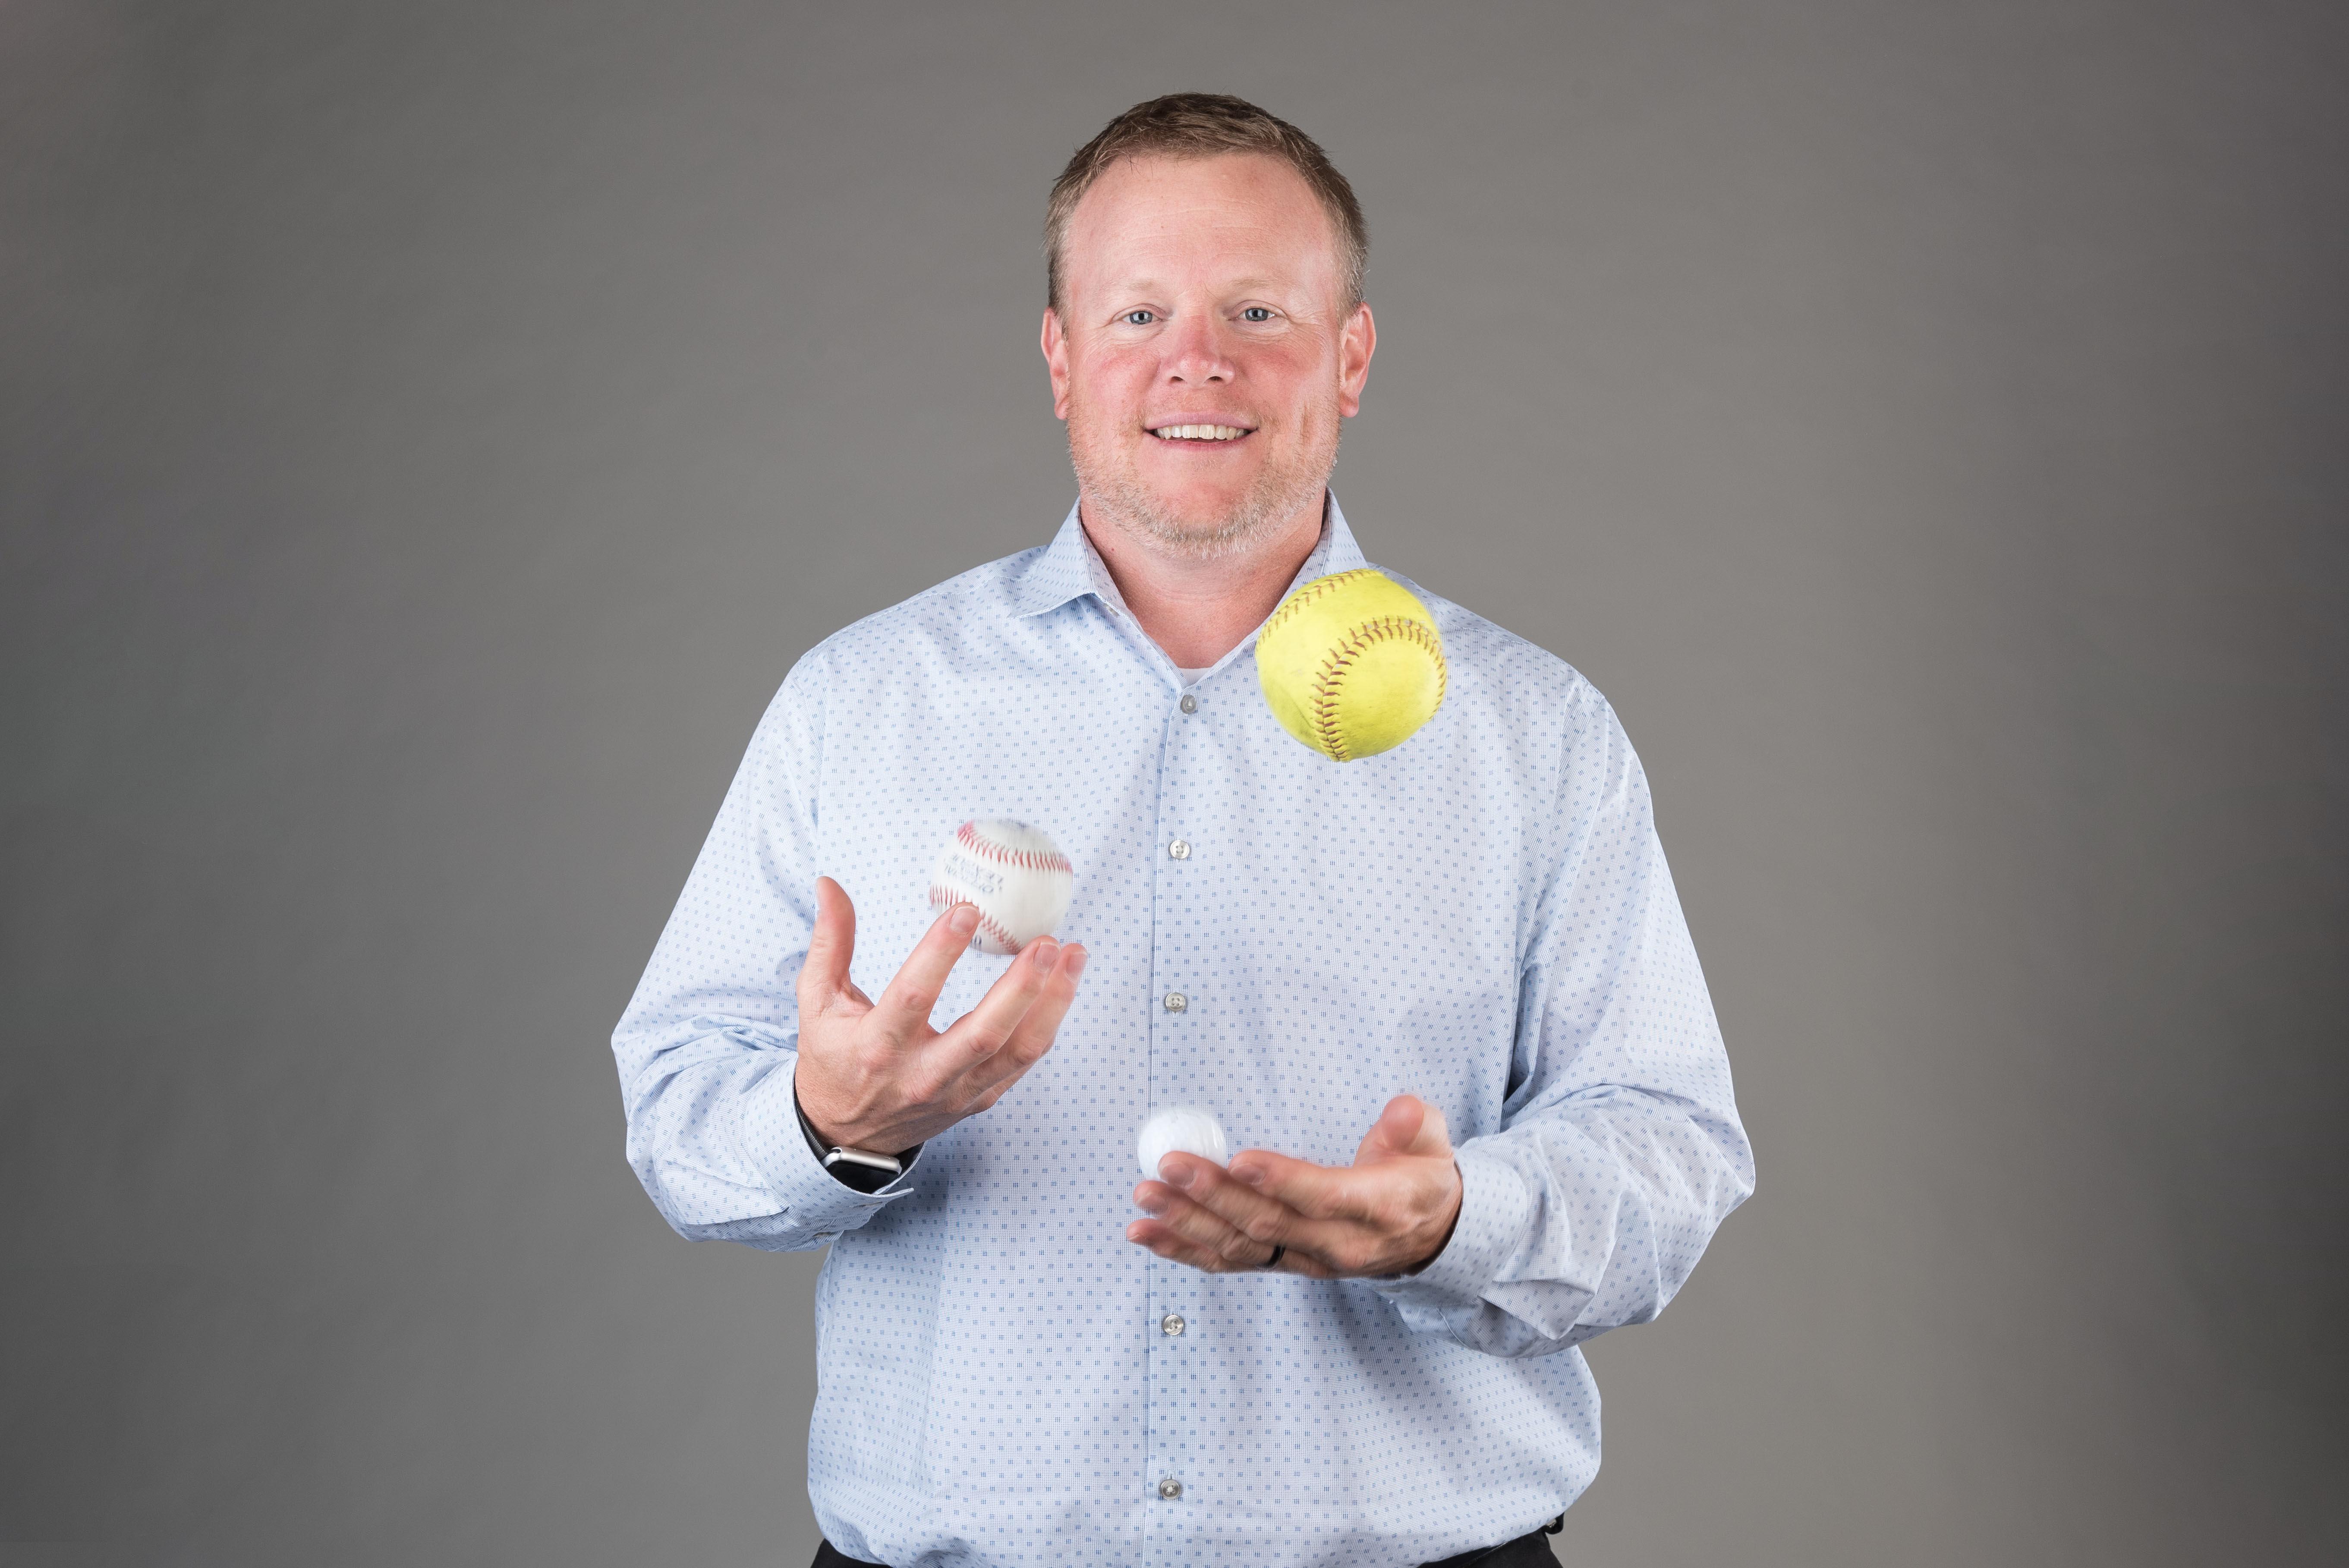 Portrait of man juggling